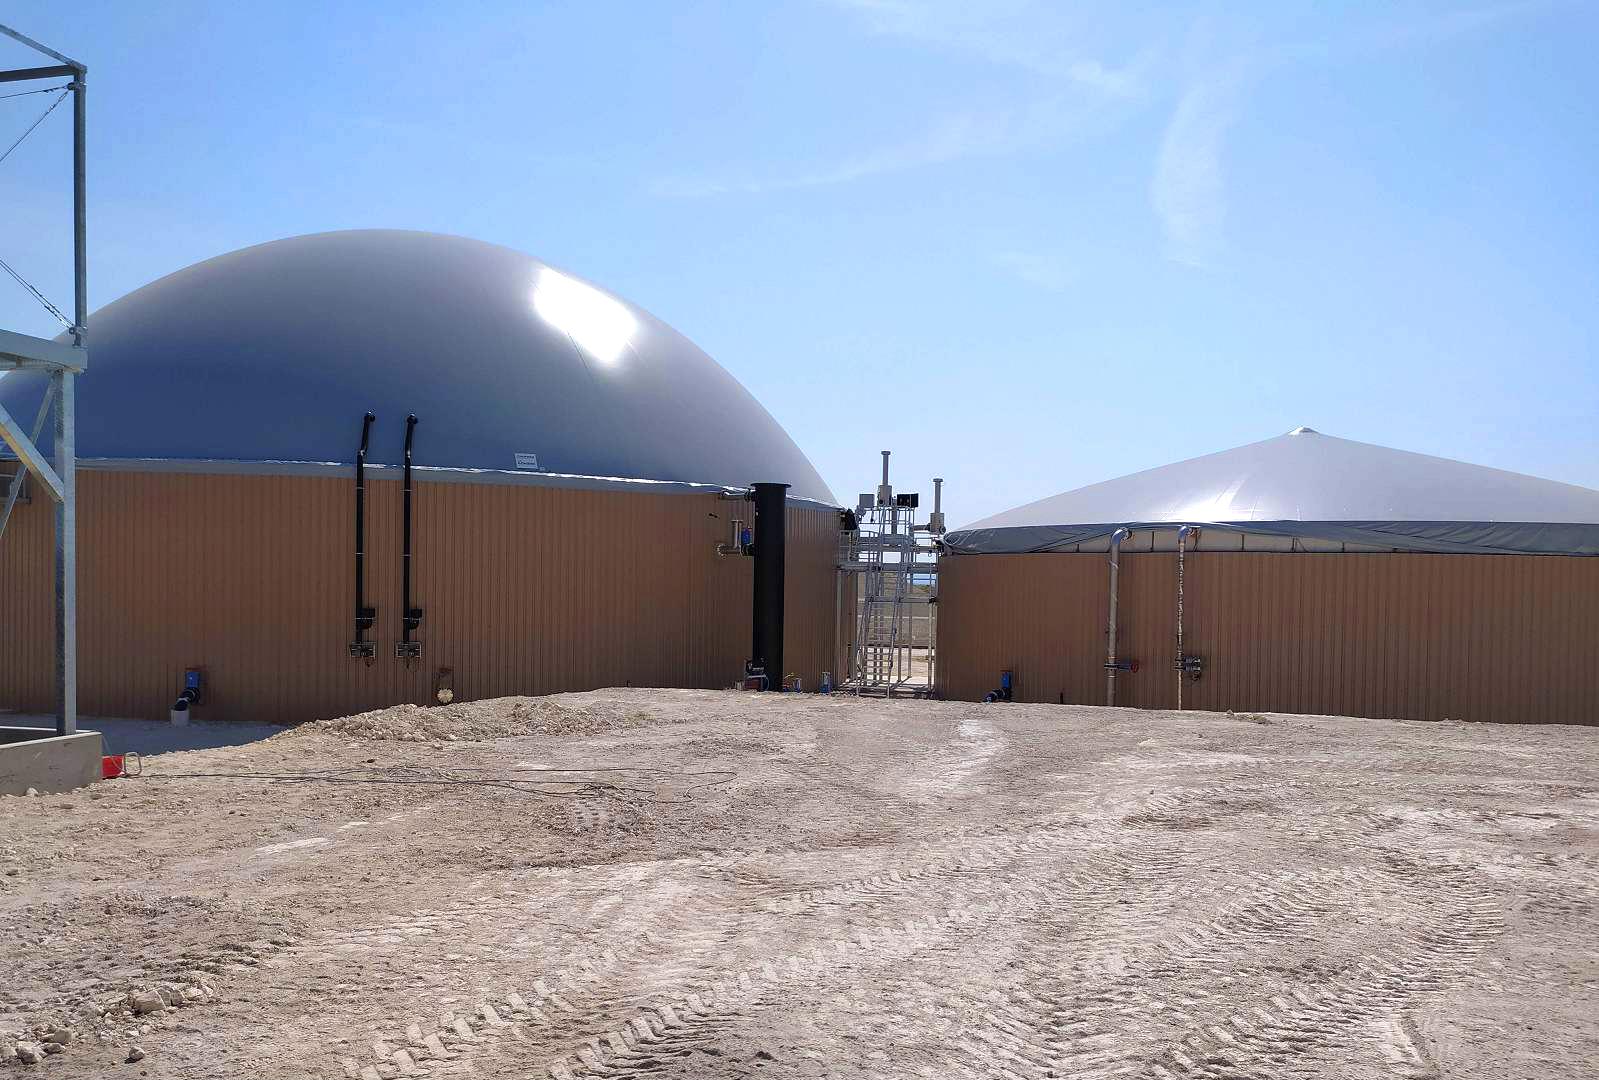 BmA Biogas Aulnois-sous-Laon France BmA Biogás Aulnois-sous-Laon Francia BmA-Aulnois-sous-Laon-Envitec-INDEREN-03